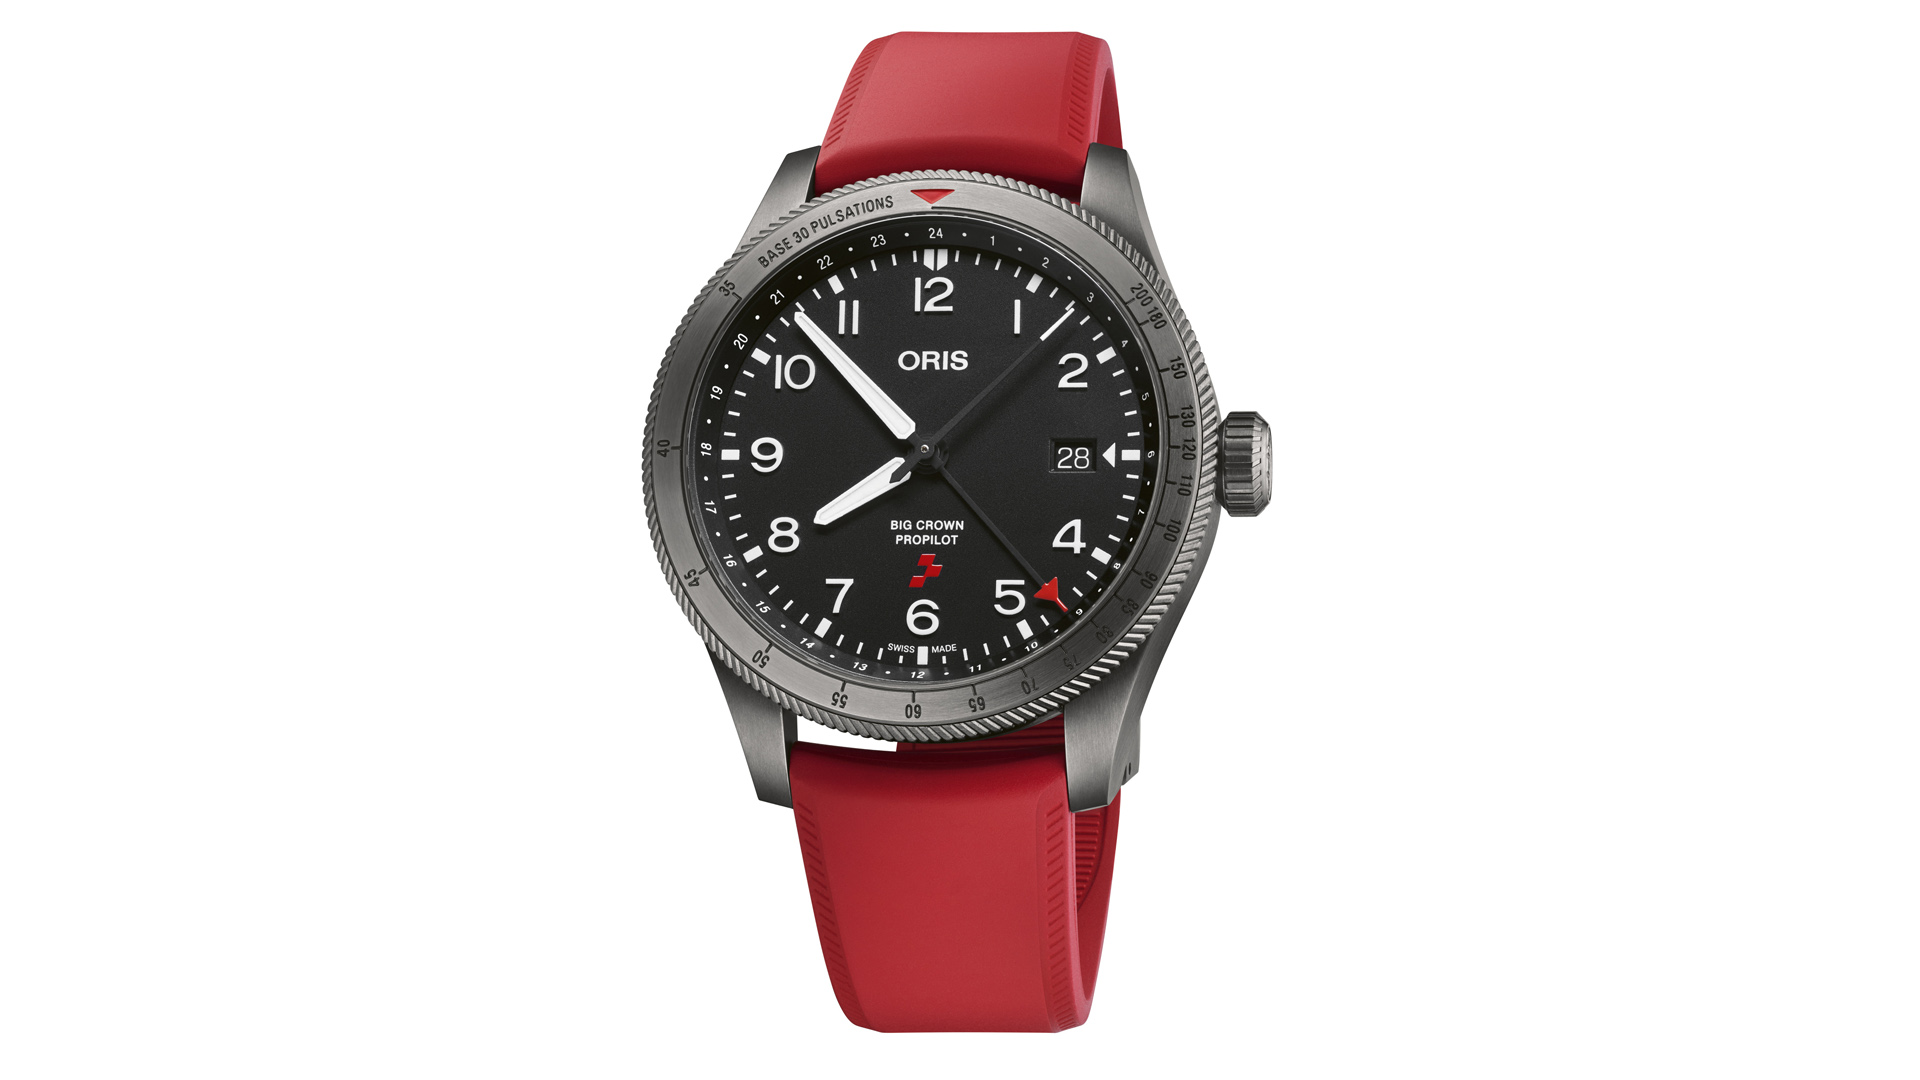 ساعة أوريس Oris الجديدة بتصميم أنيق